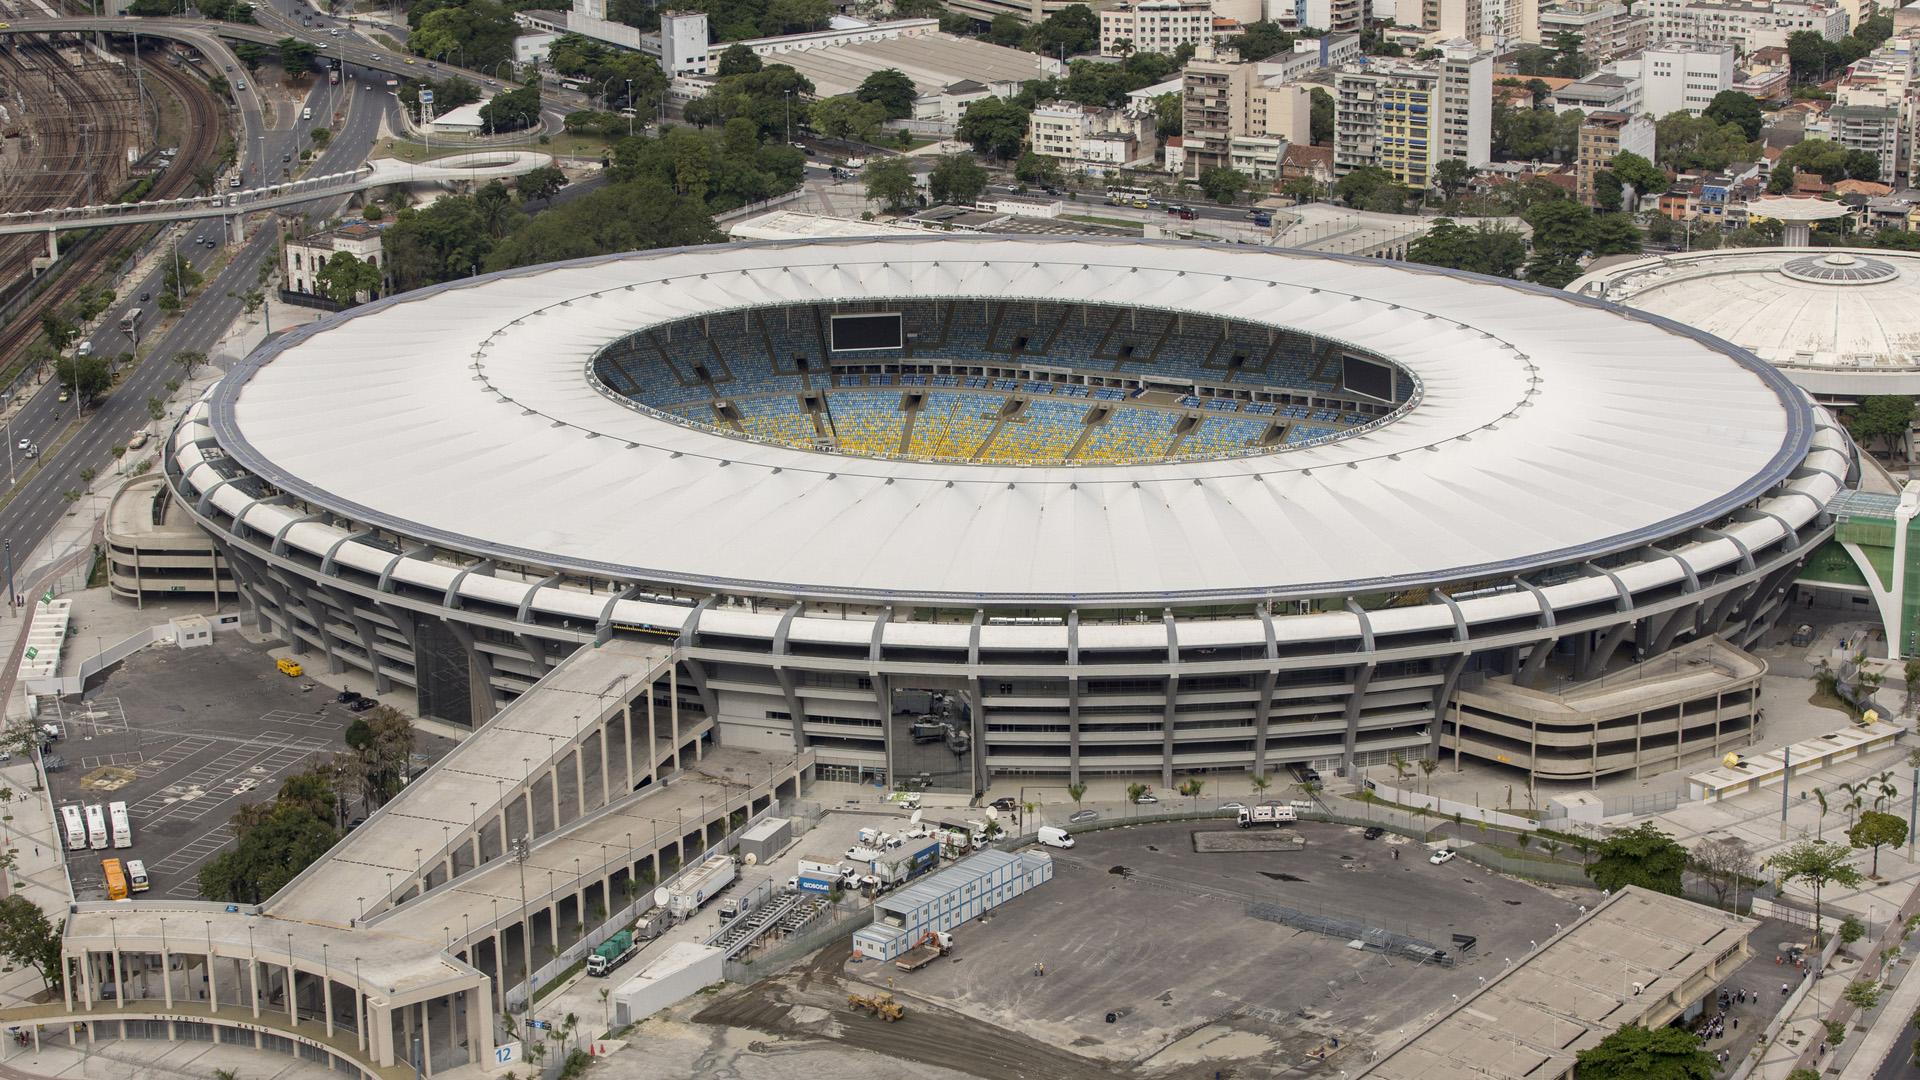 Maracana-stadium-FTR-060614.jpg